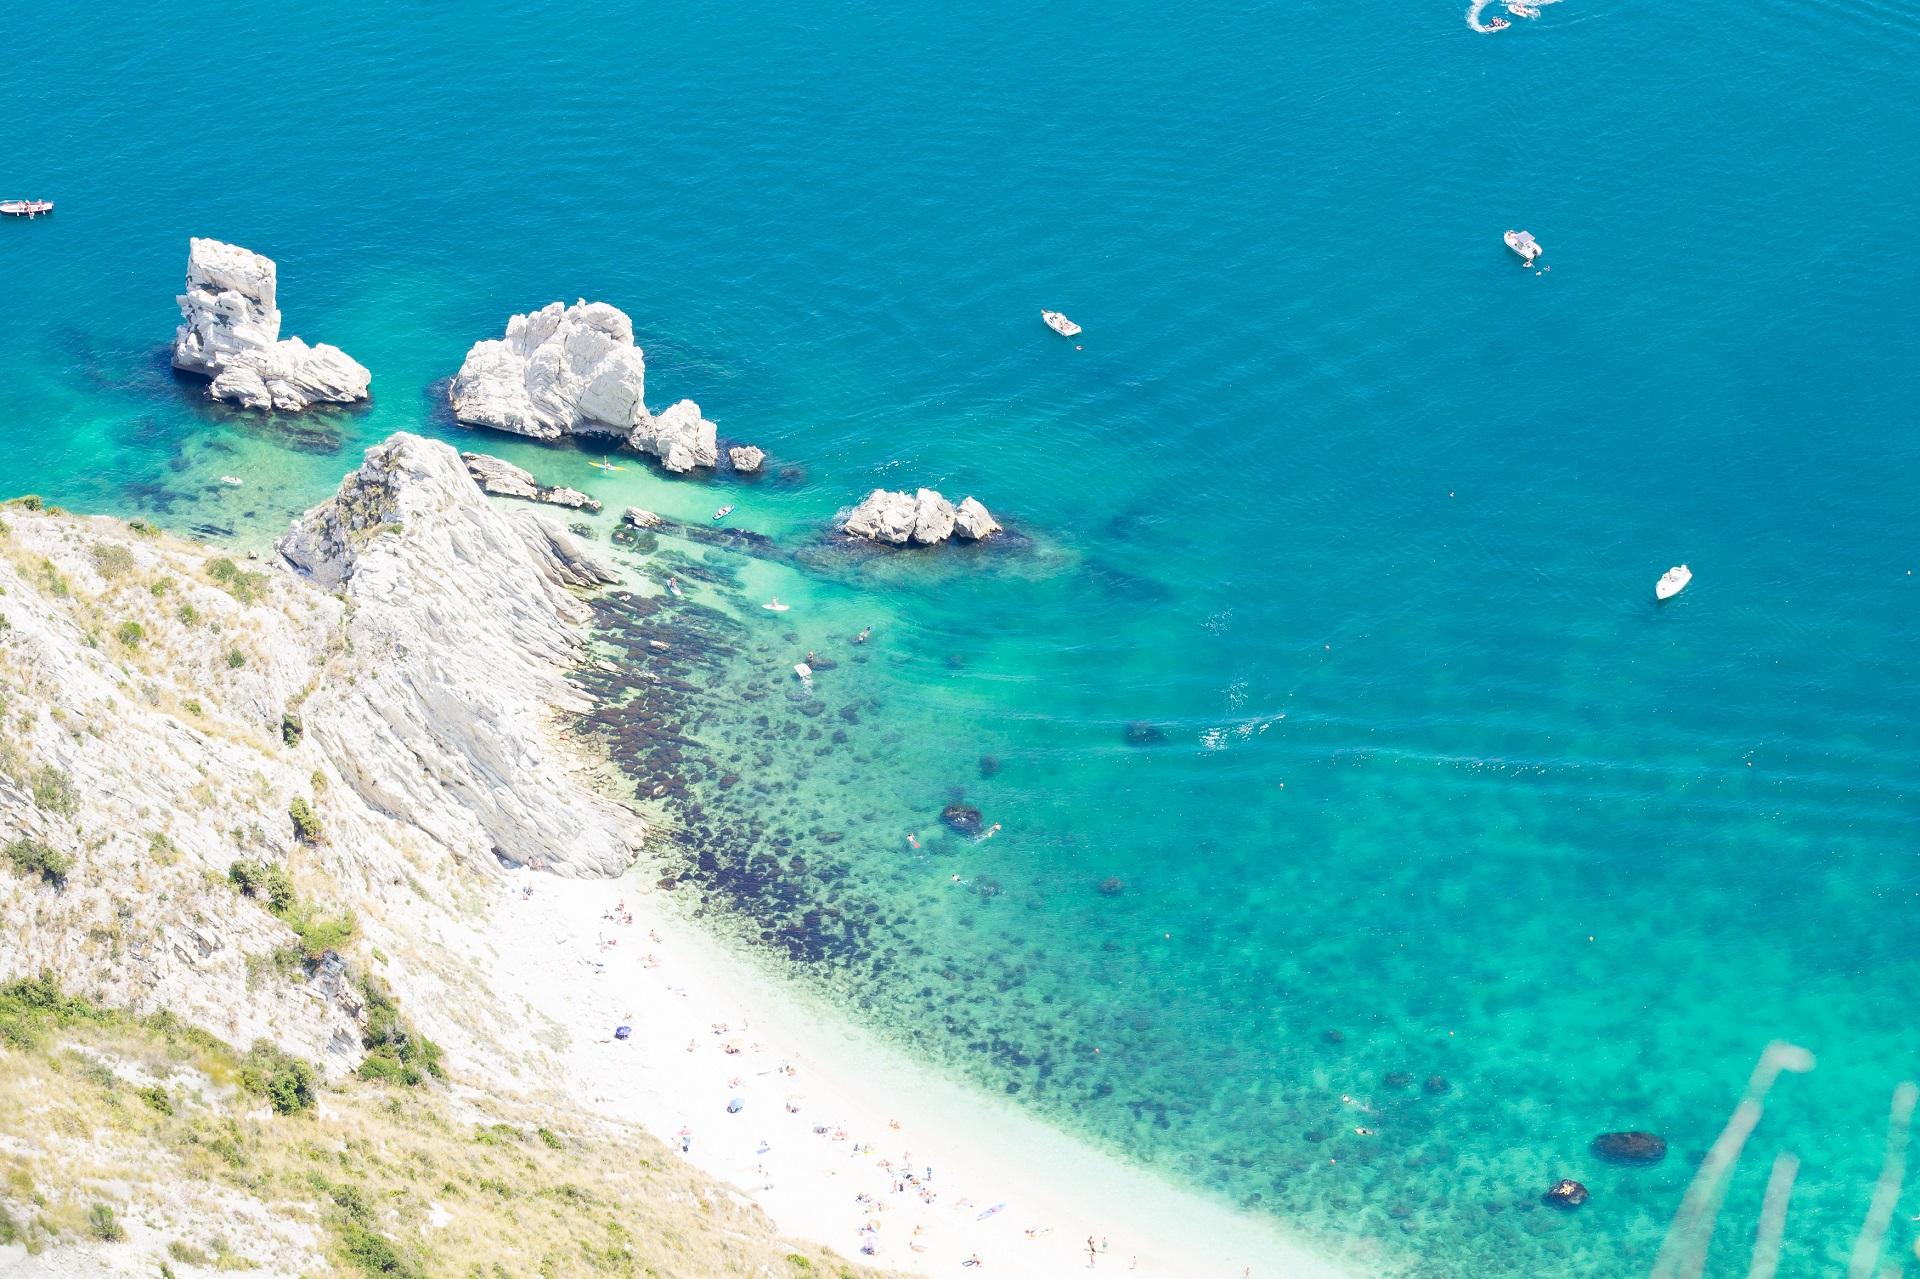 Le spiagge più belle d'Italia 2019